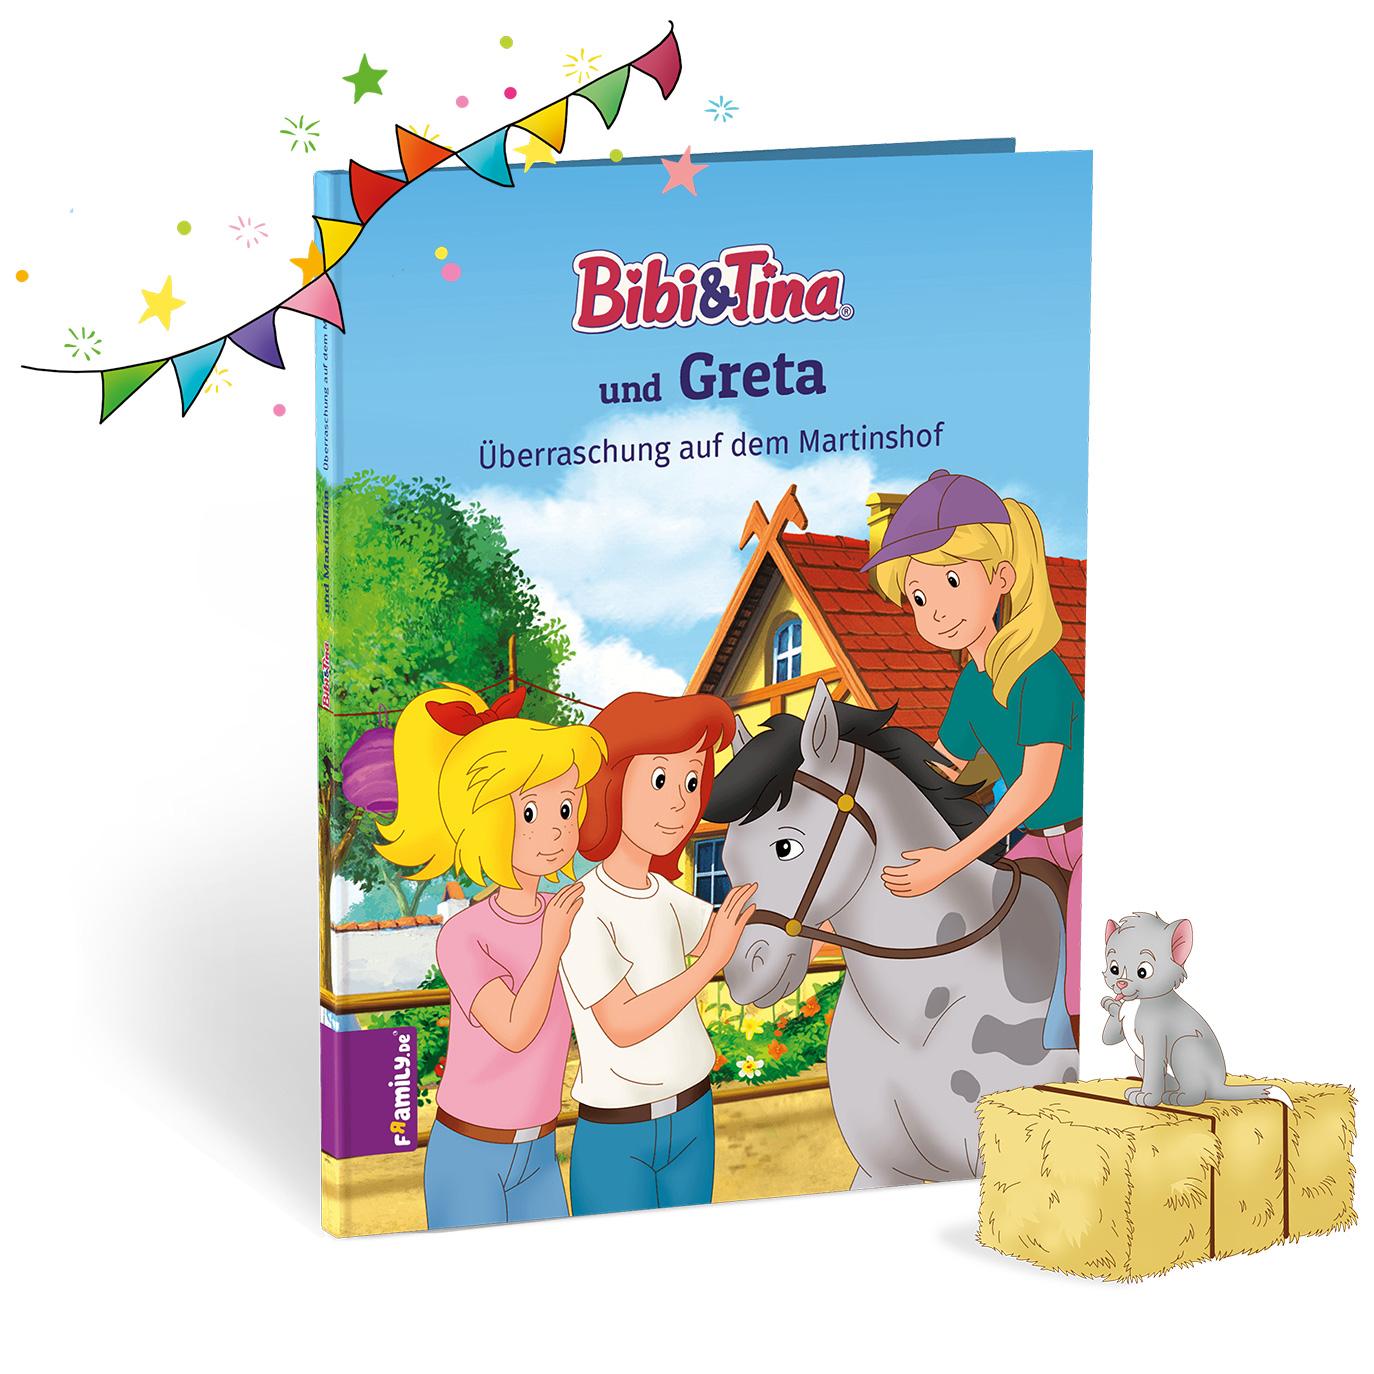 Bibi und Tina Üeberraschung auf dem Martinshof - personalisierte Kinderbuecher